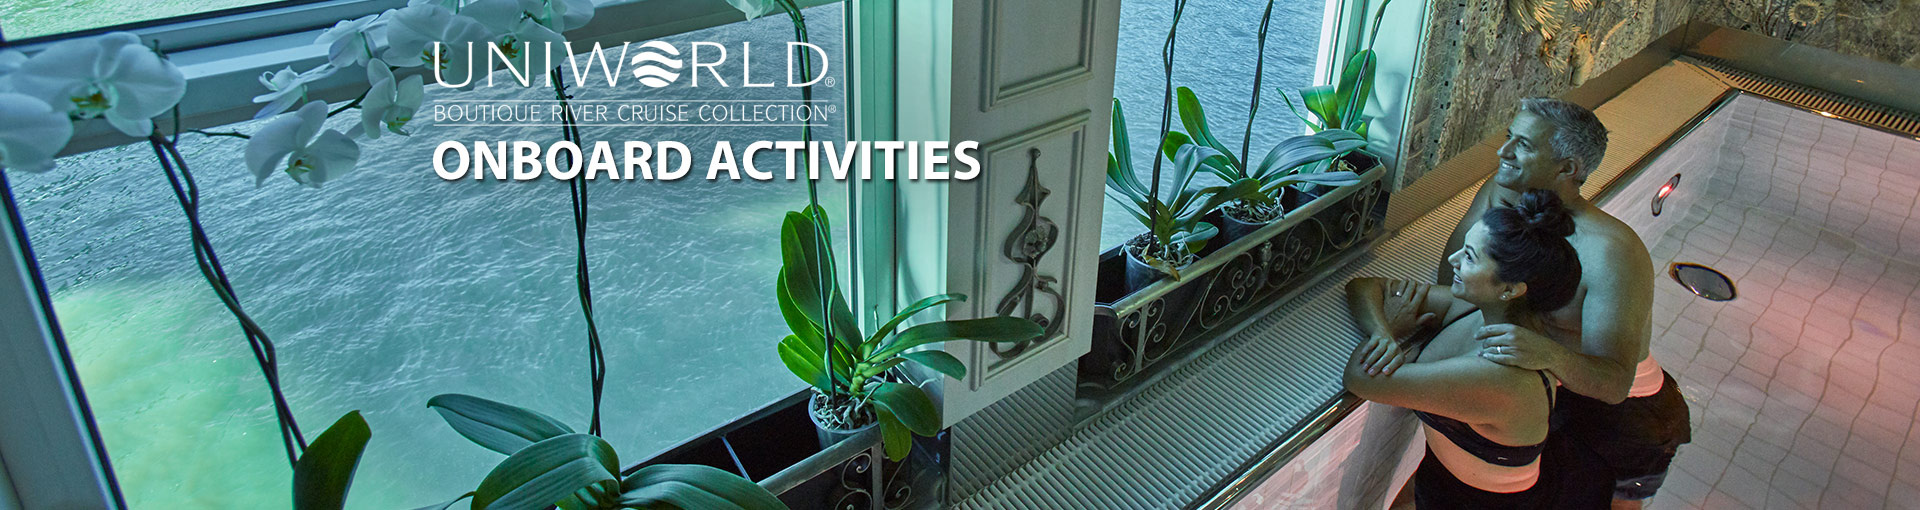 Uniworld River Cruises Onboard Activities